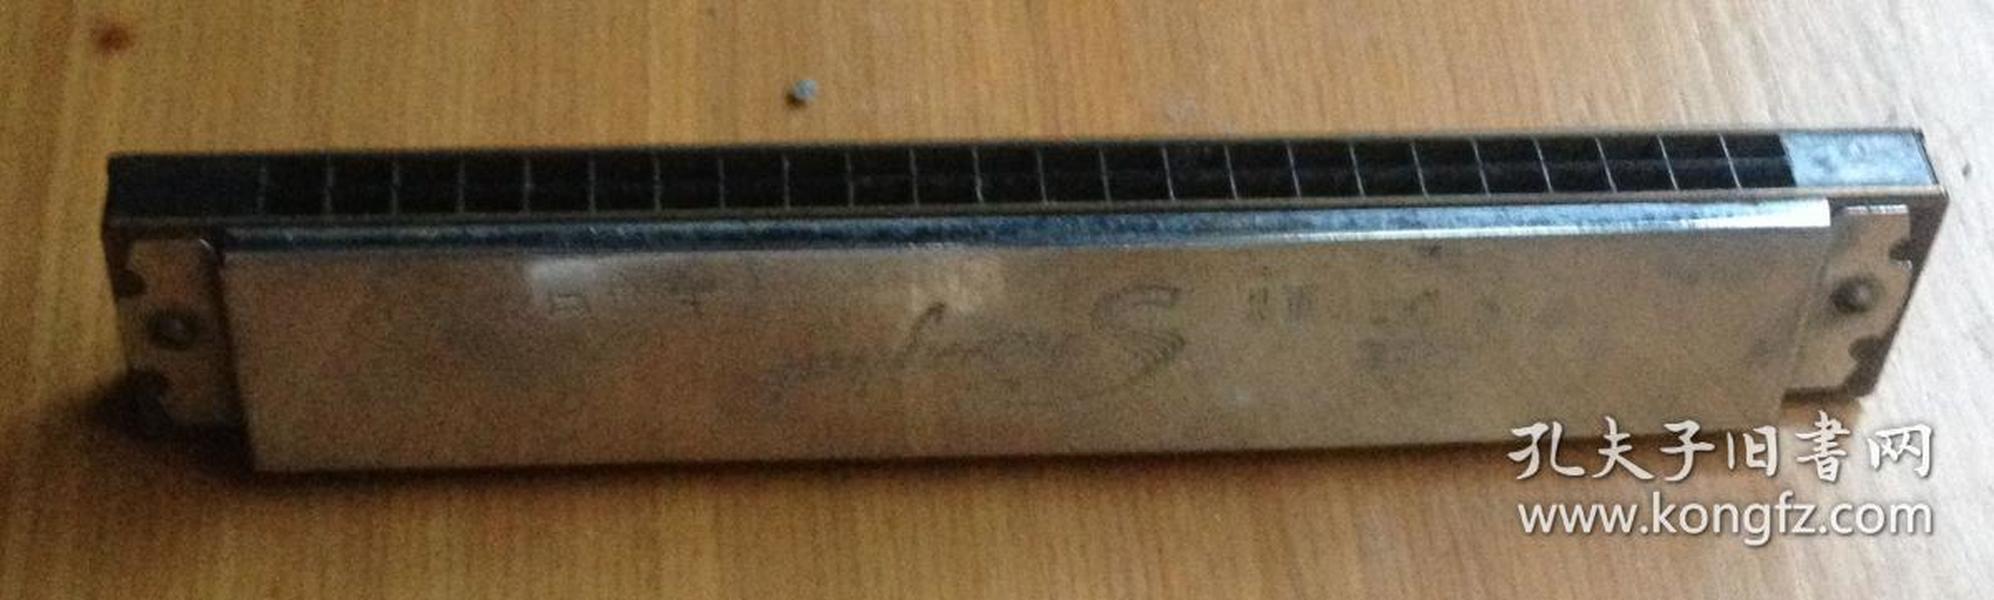 老乐器 上海牌口琴【编号:ZS1】